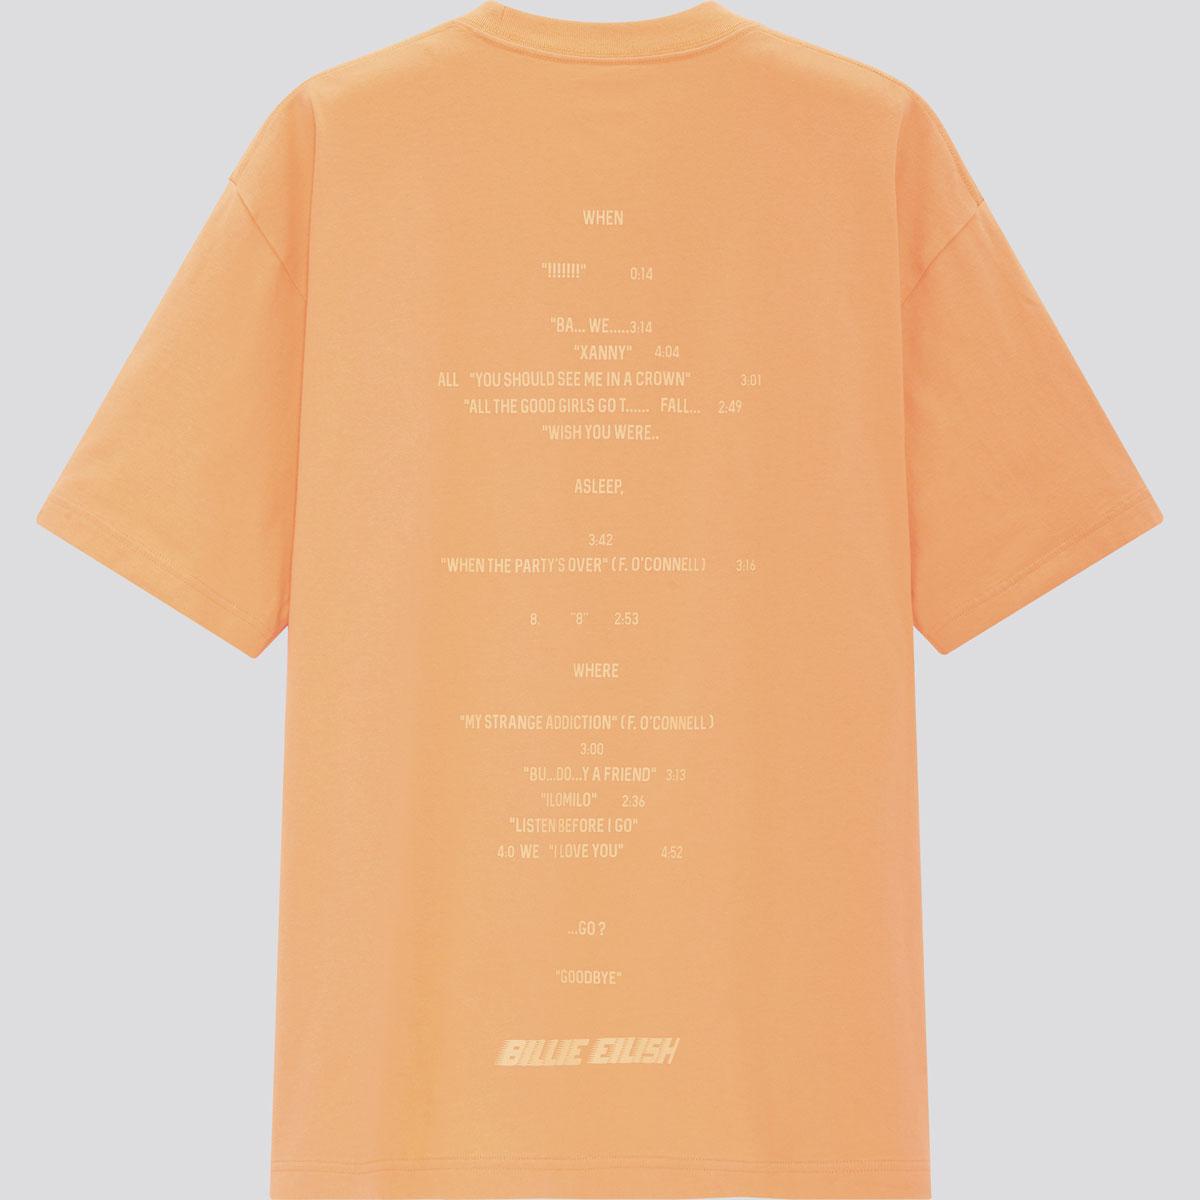 T シャツ ユニクロ 【ユニクロ ユー】ニュアンスカラーの大人Tシャツを購入しました